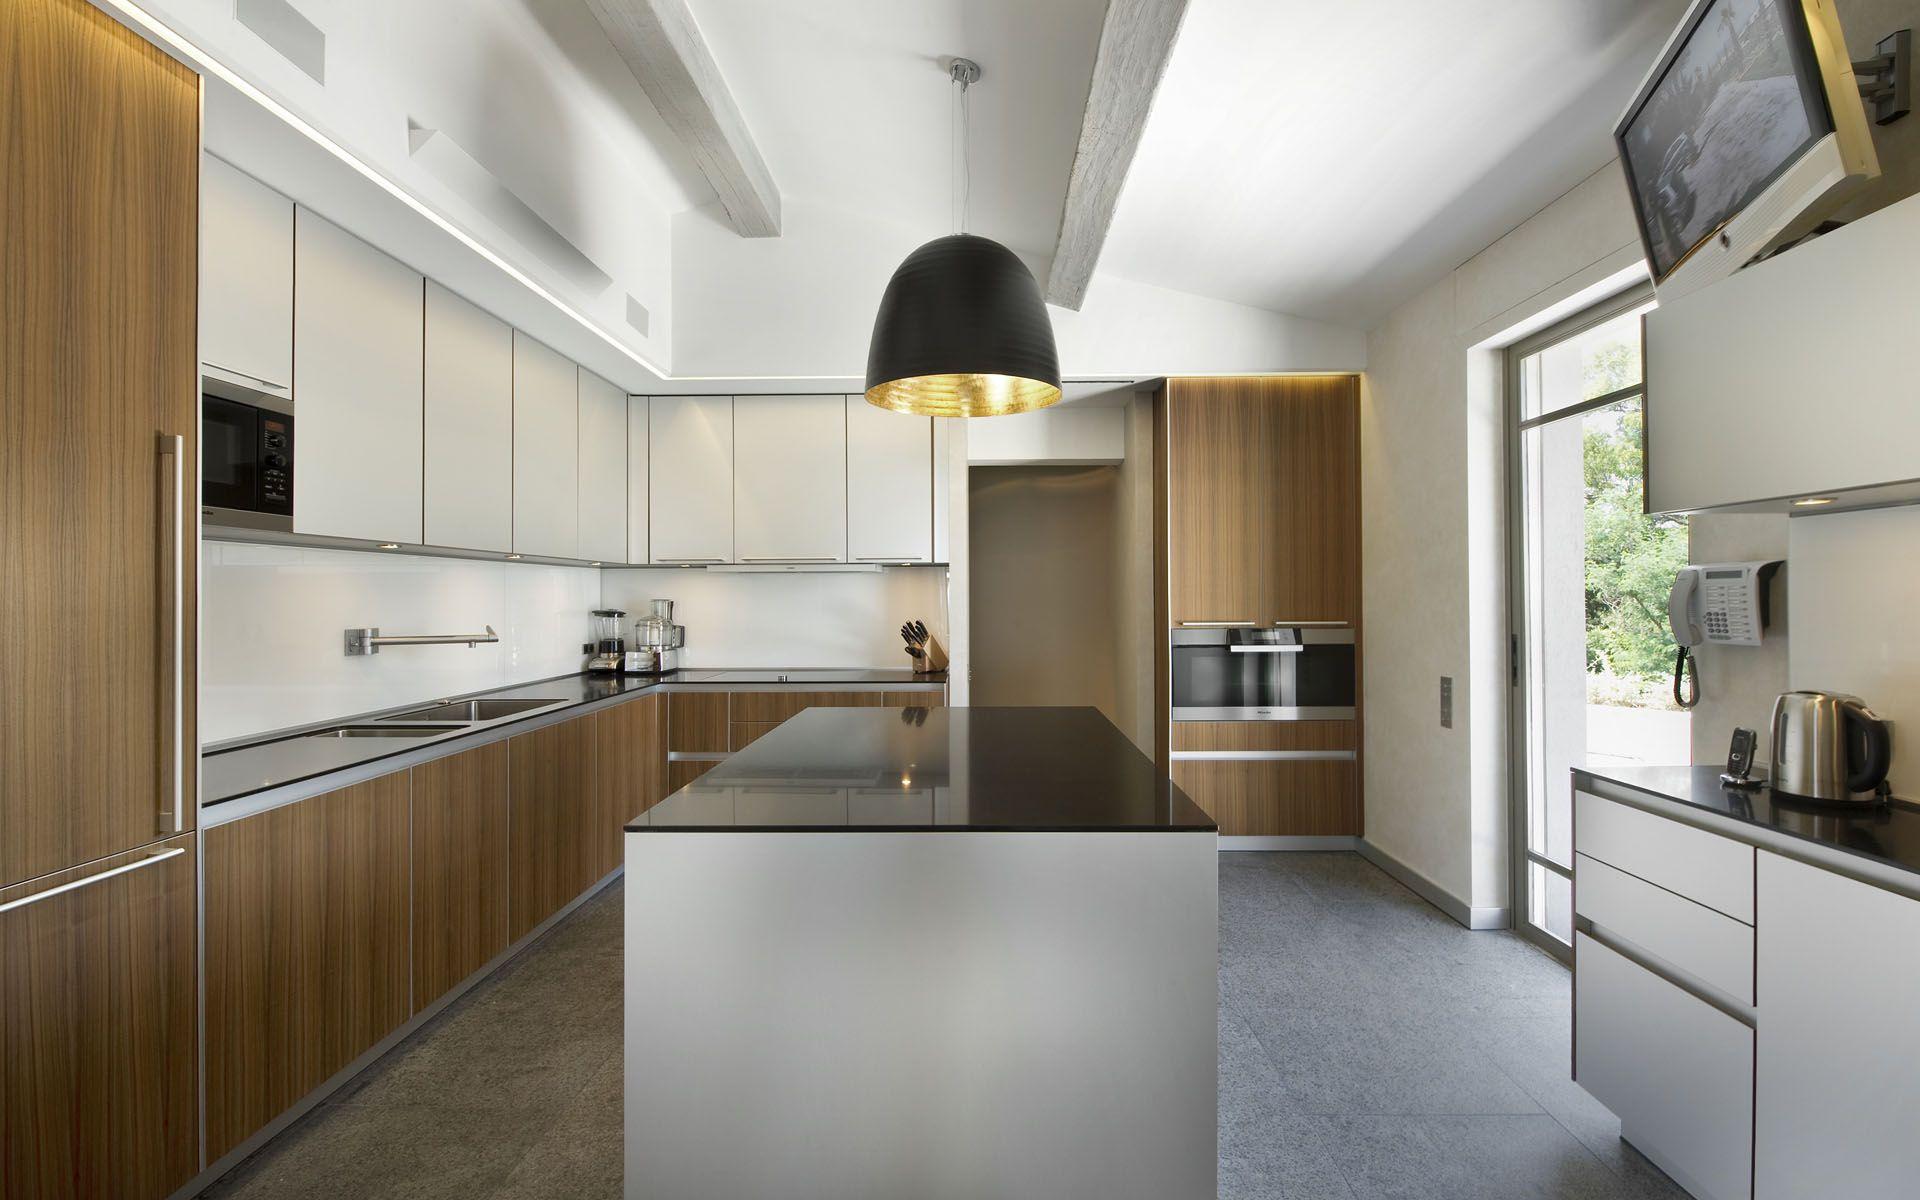 modern kitchen design 25 AMAZING MINIMALIST KITCHEN DESIGN IDEAS